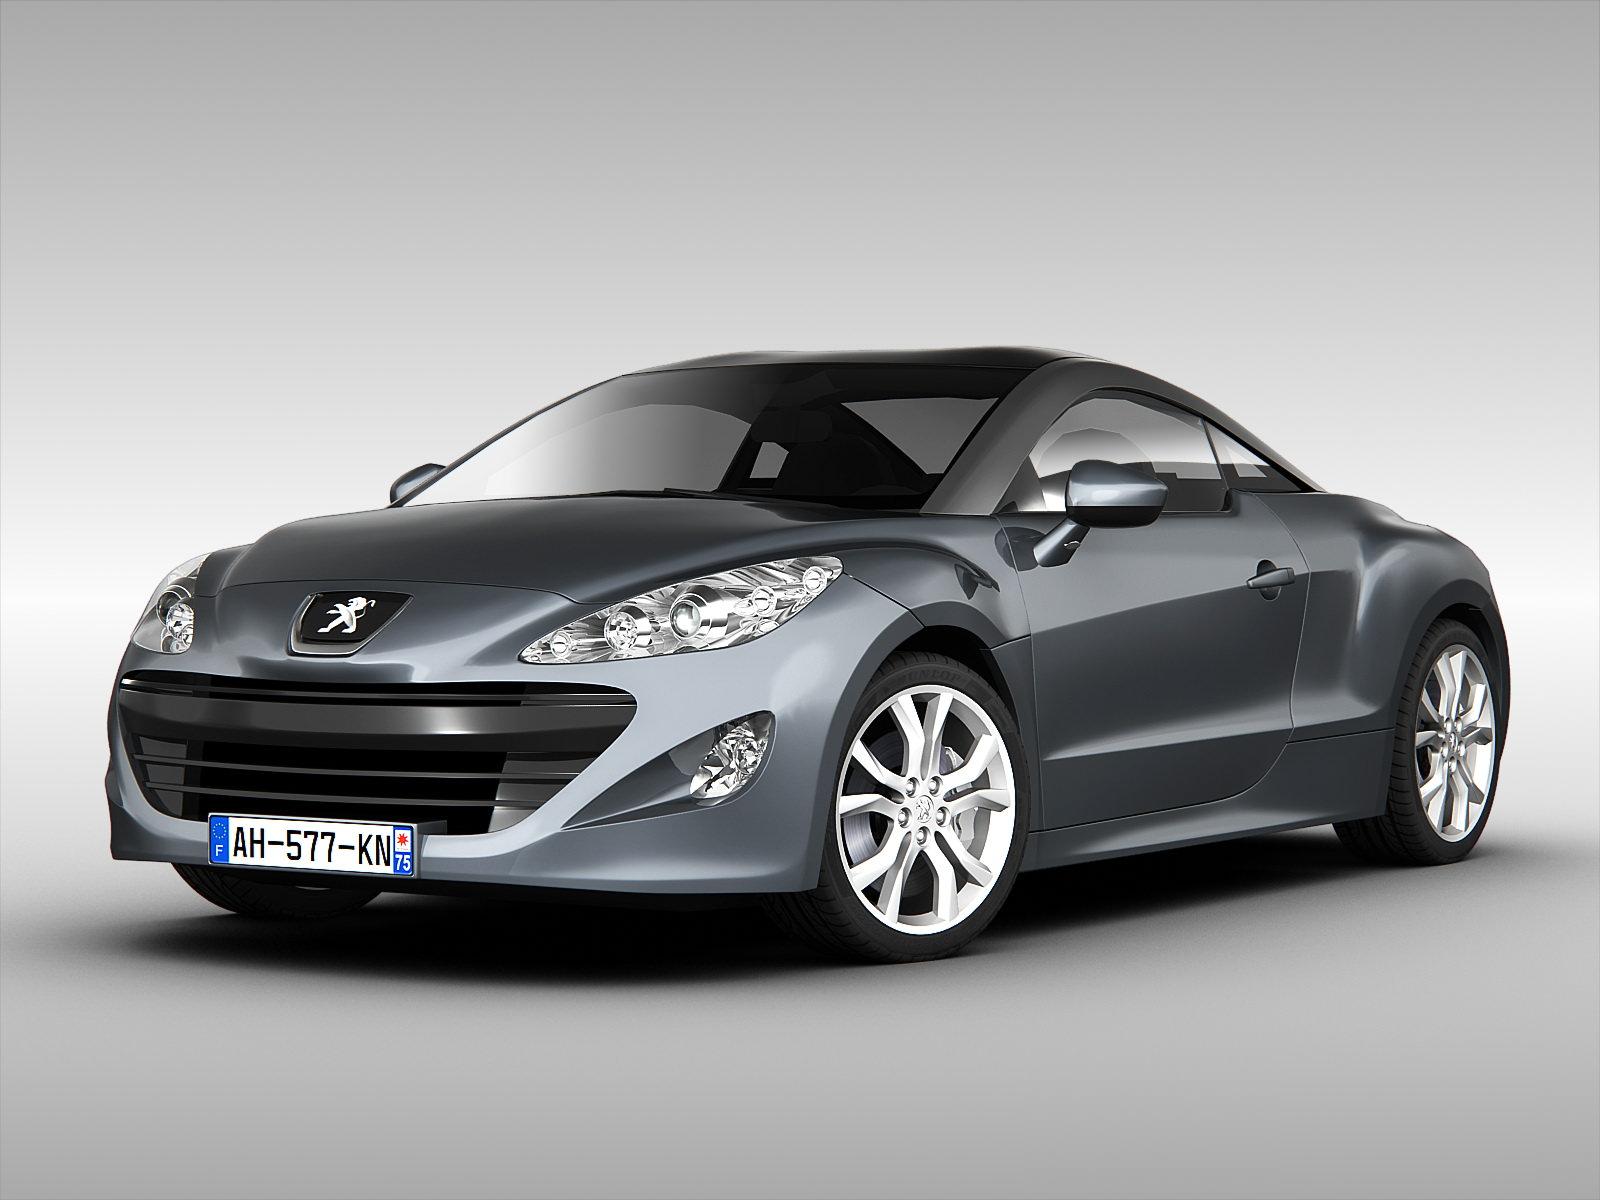 Peugeot Rcz 2012 3d Model Max Obj 3ds Fbx Cgtrader Com